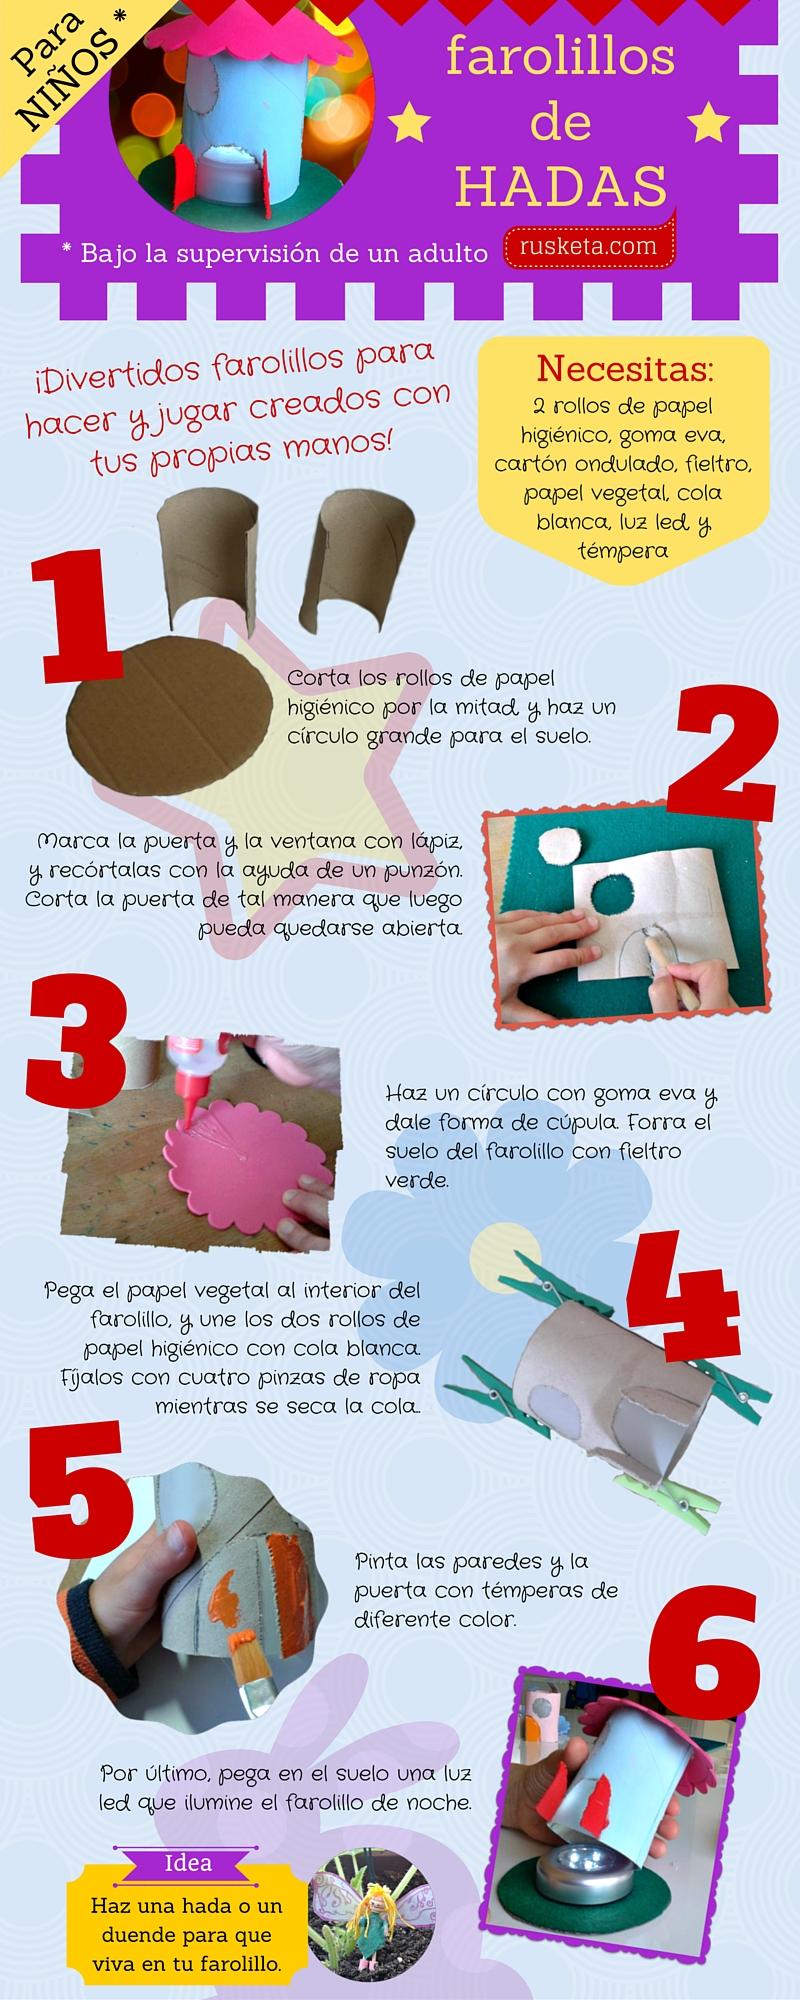 Infografía sobre cómo hacer un farolillo para hadas con cartón y una luz led